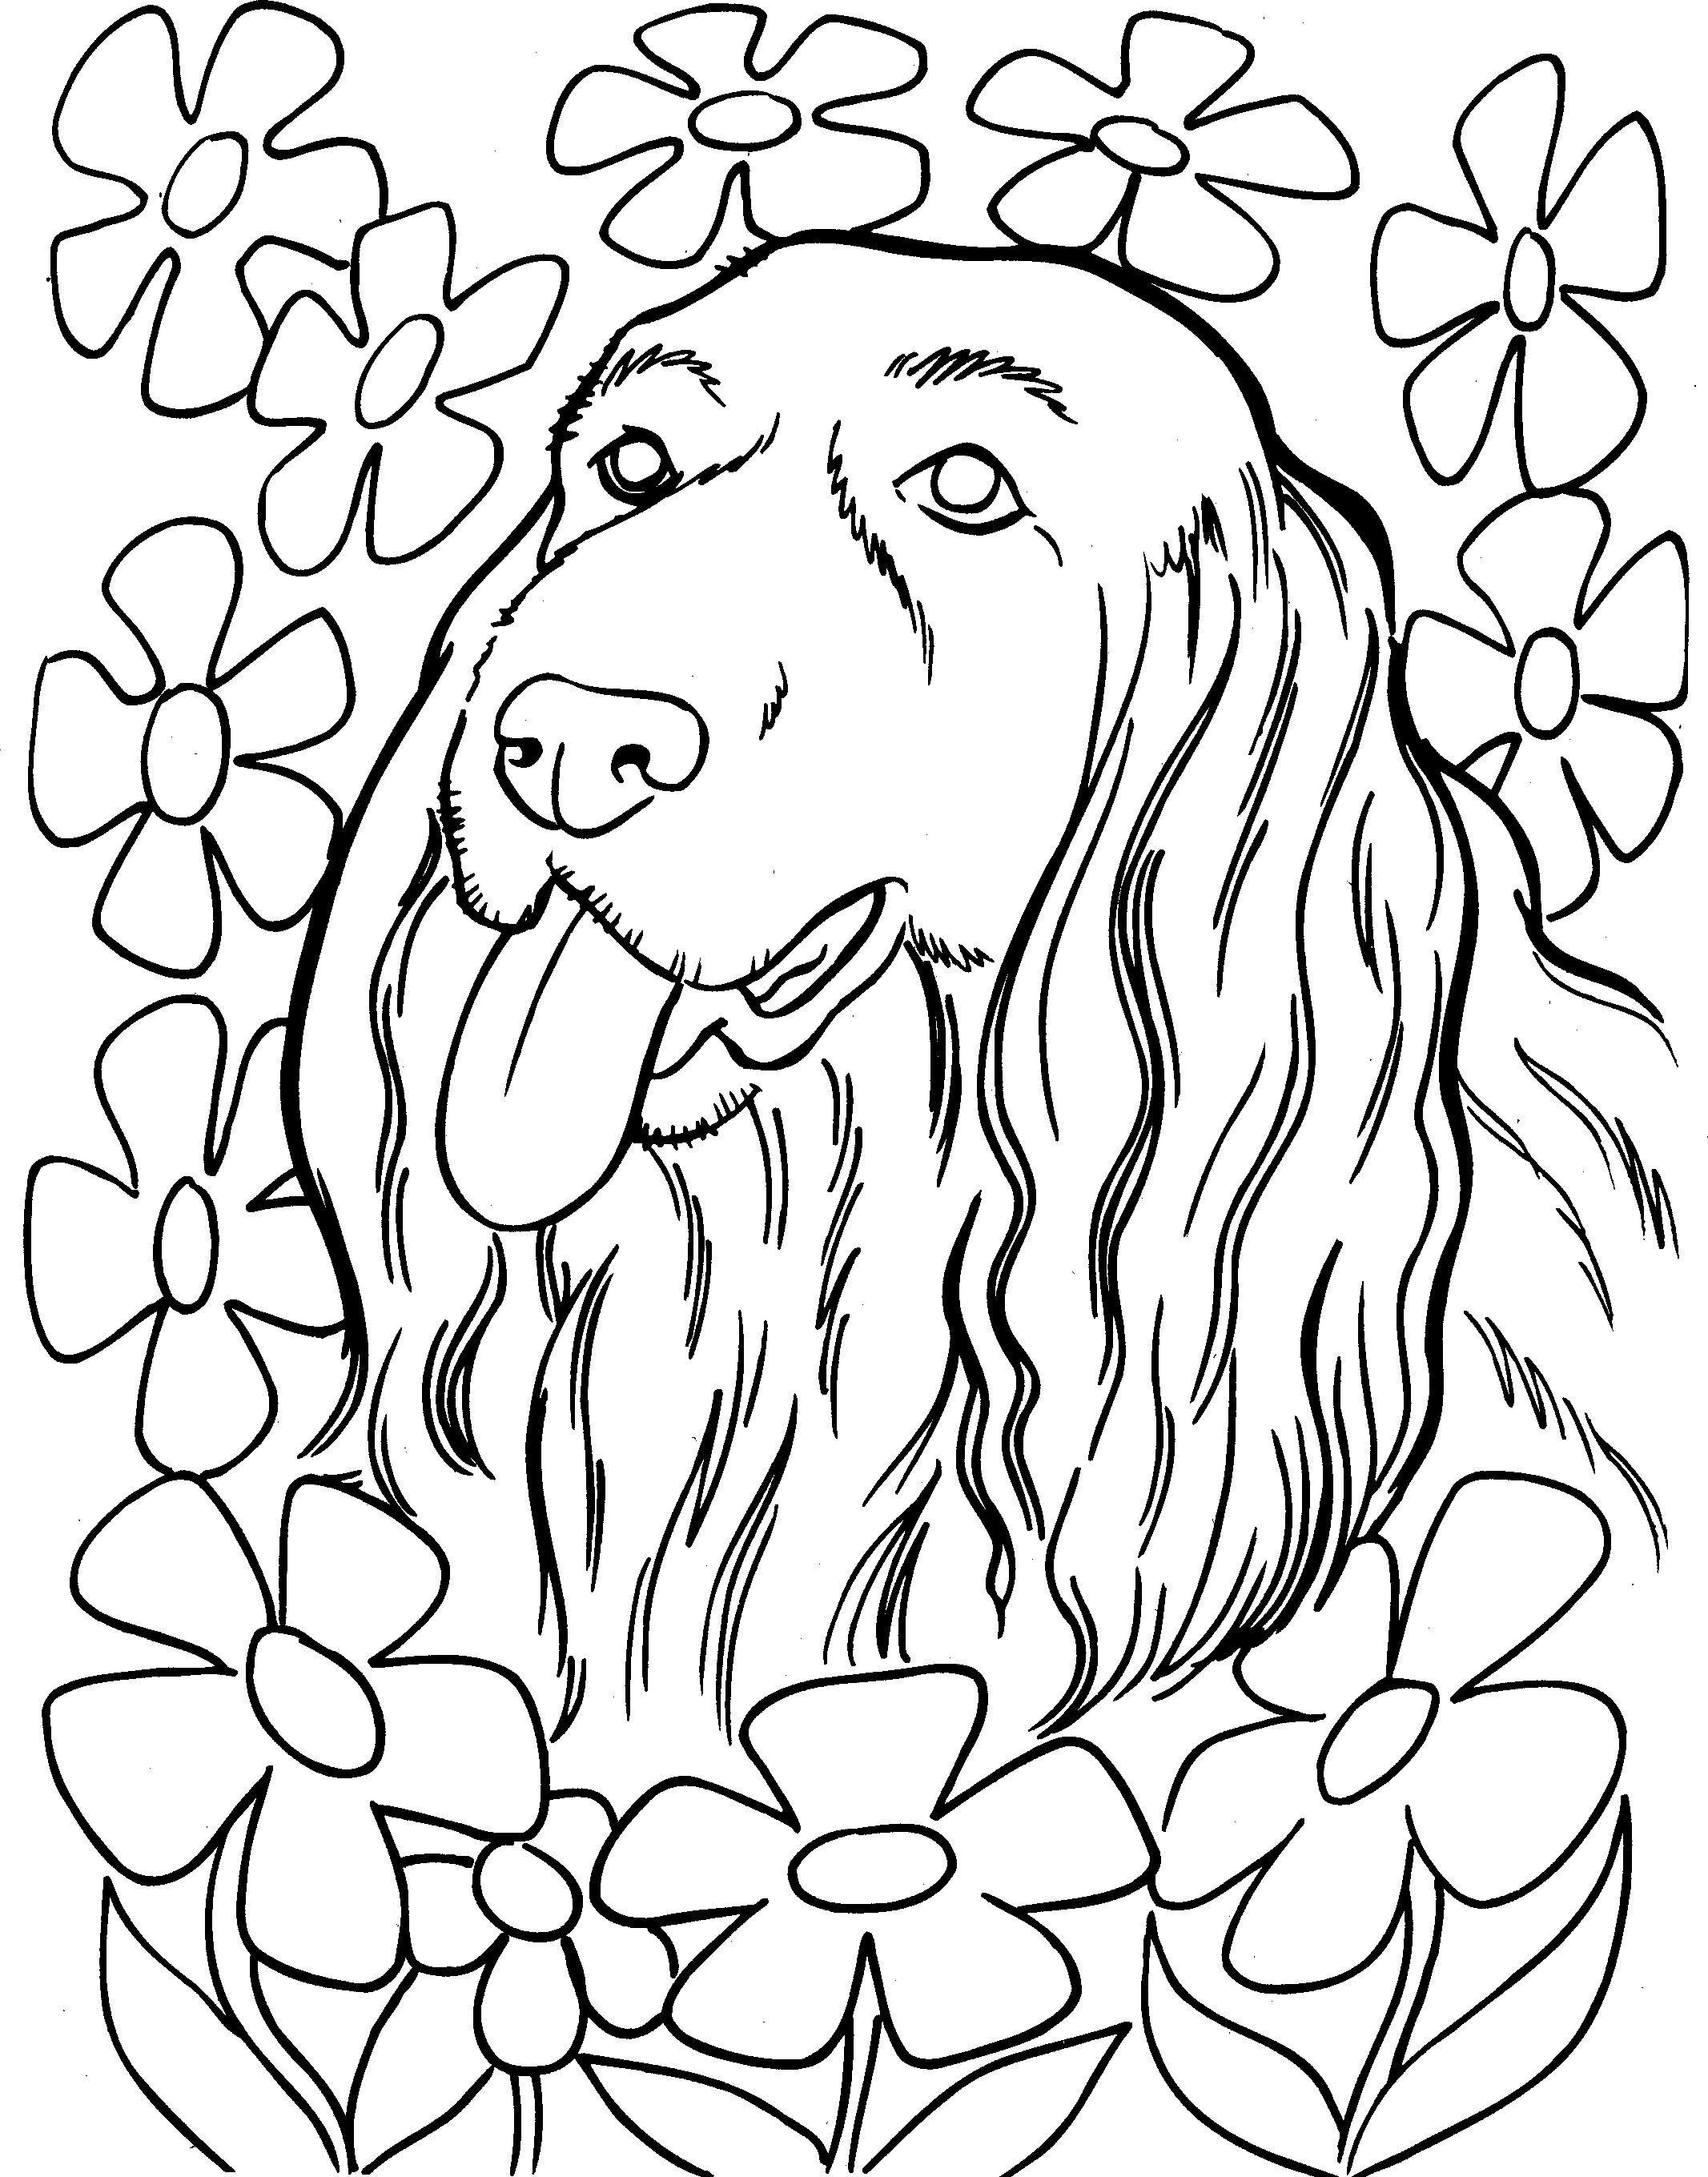 Kleurplaten Honden Voor Volwassenen.Kleurplaten Nieuwe Kleurplaat Kleurplaat Honden Kleurplaat